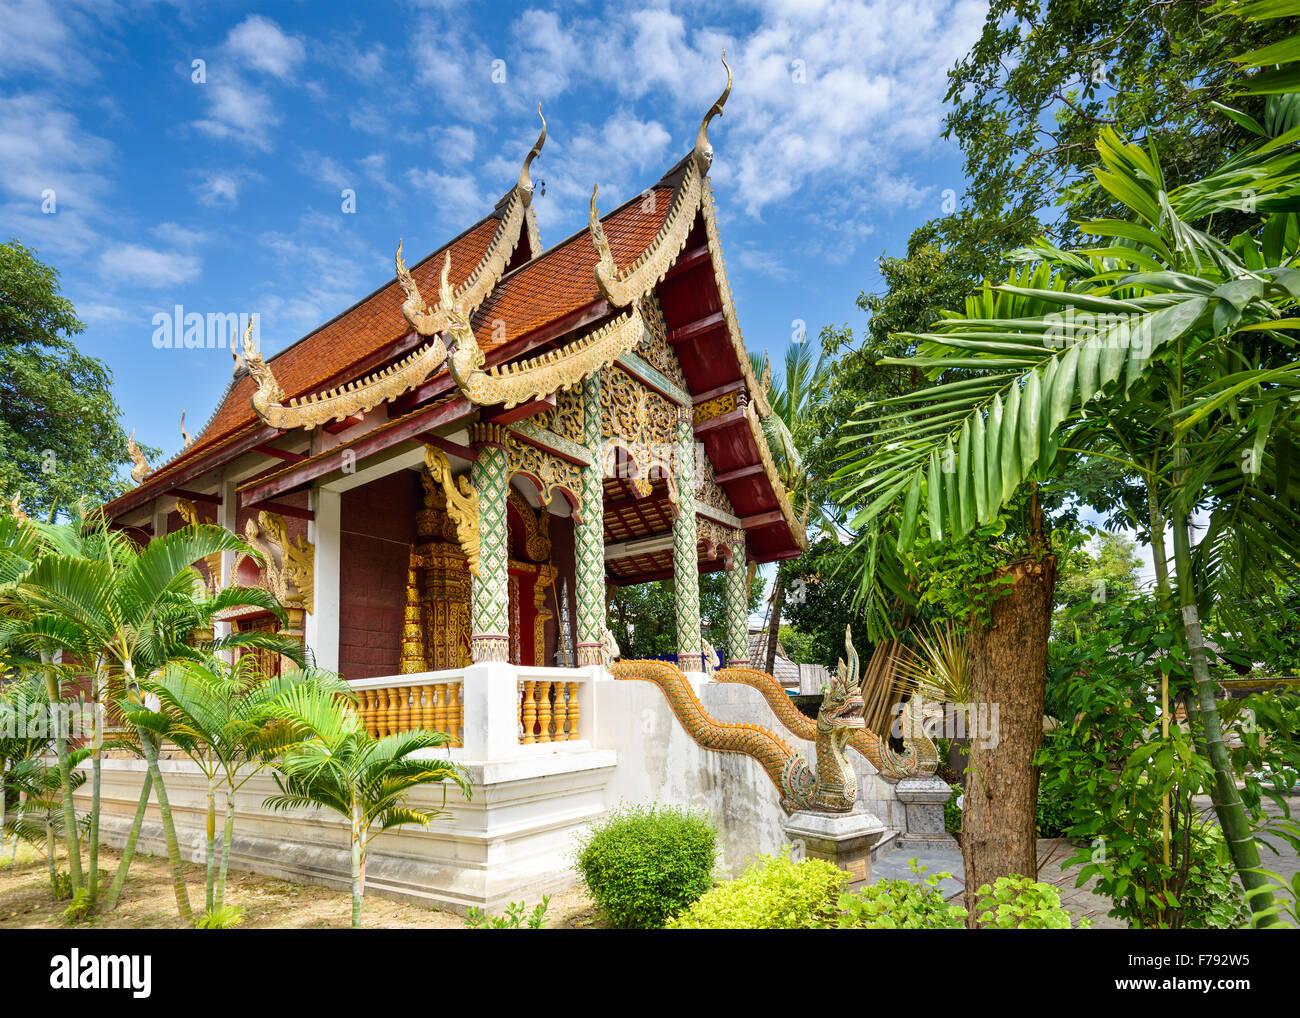 Chiang Mai, Thaïlande petit temple bâtiment. Photo Stock